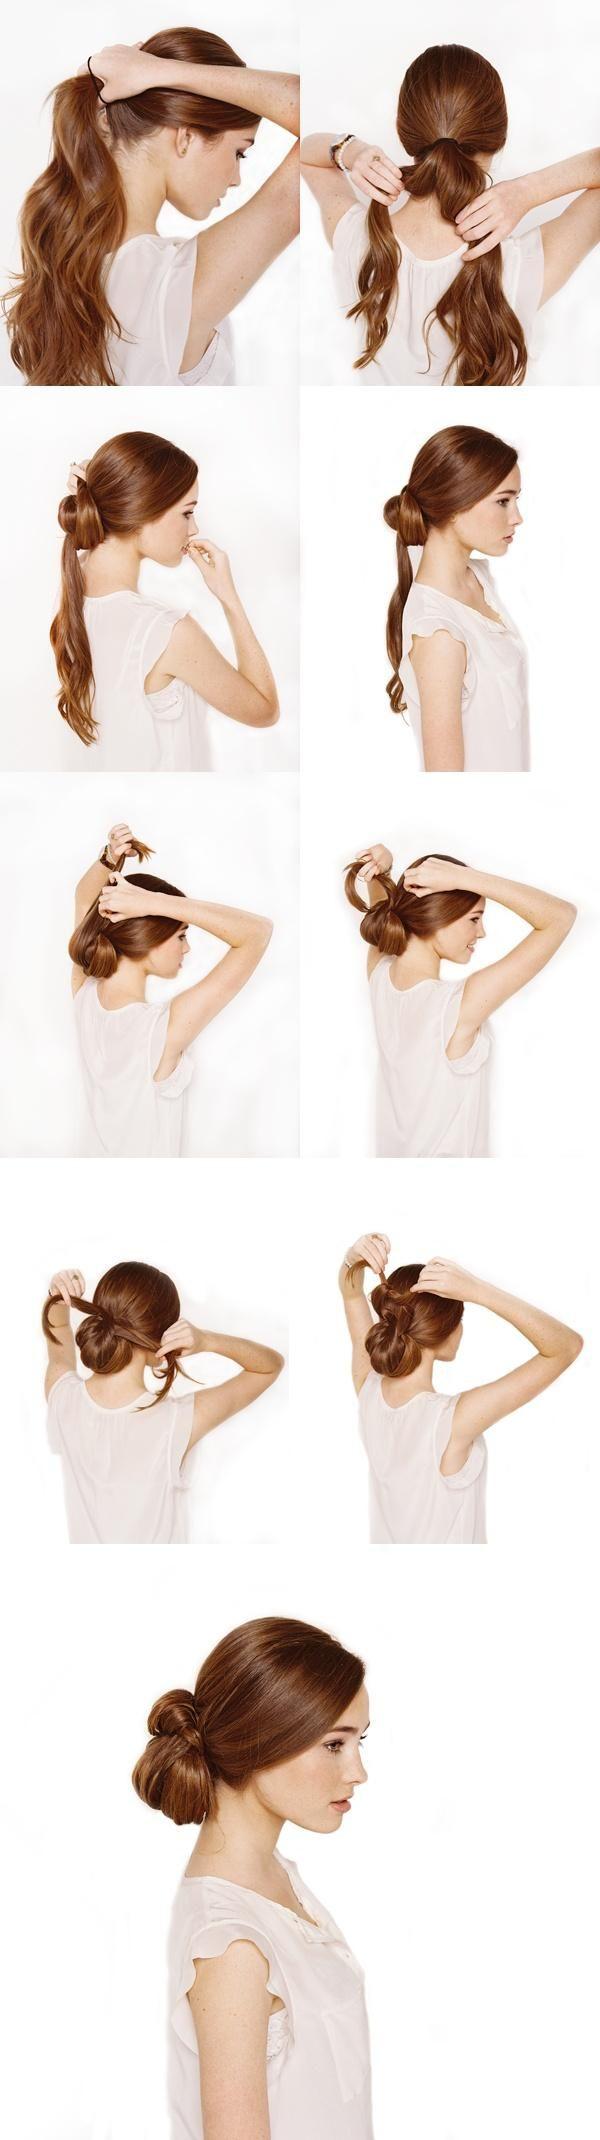 Optima la lotion de la chute des cheveux acheter